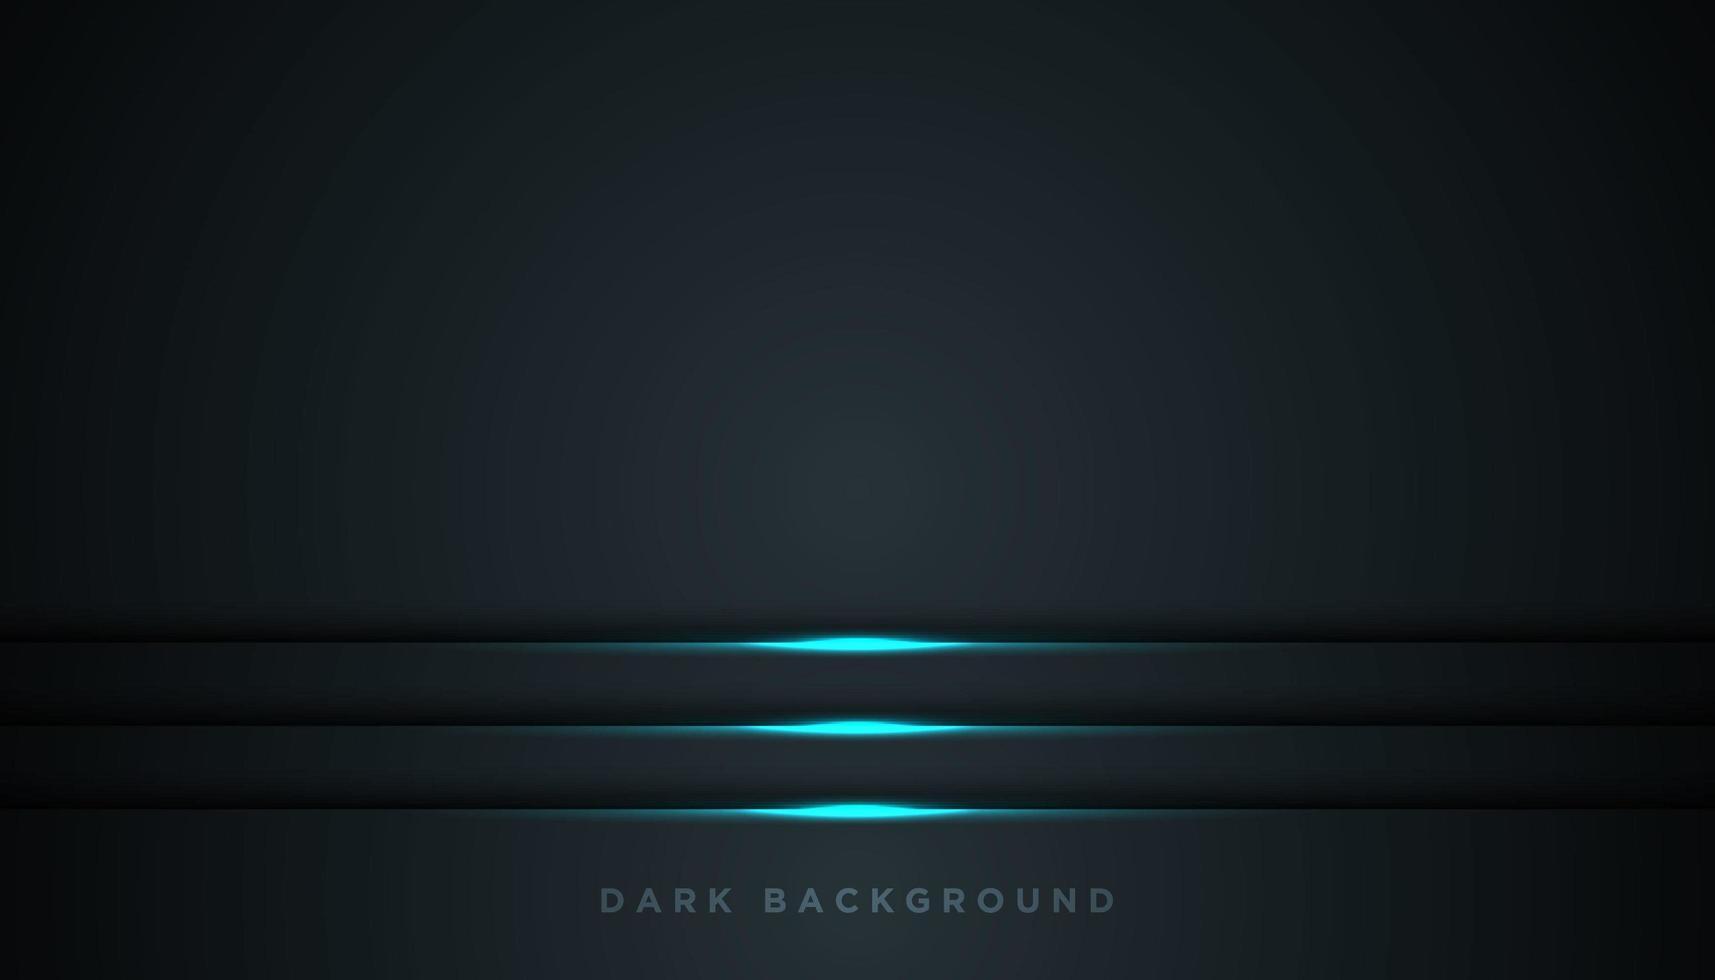 sfondo nero con brillanti linee blu sul fondo vettore